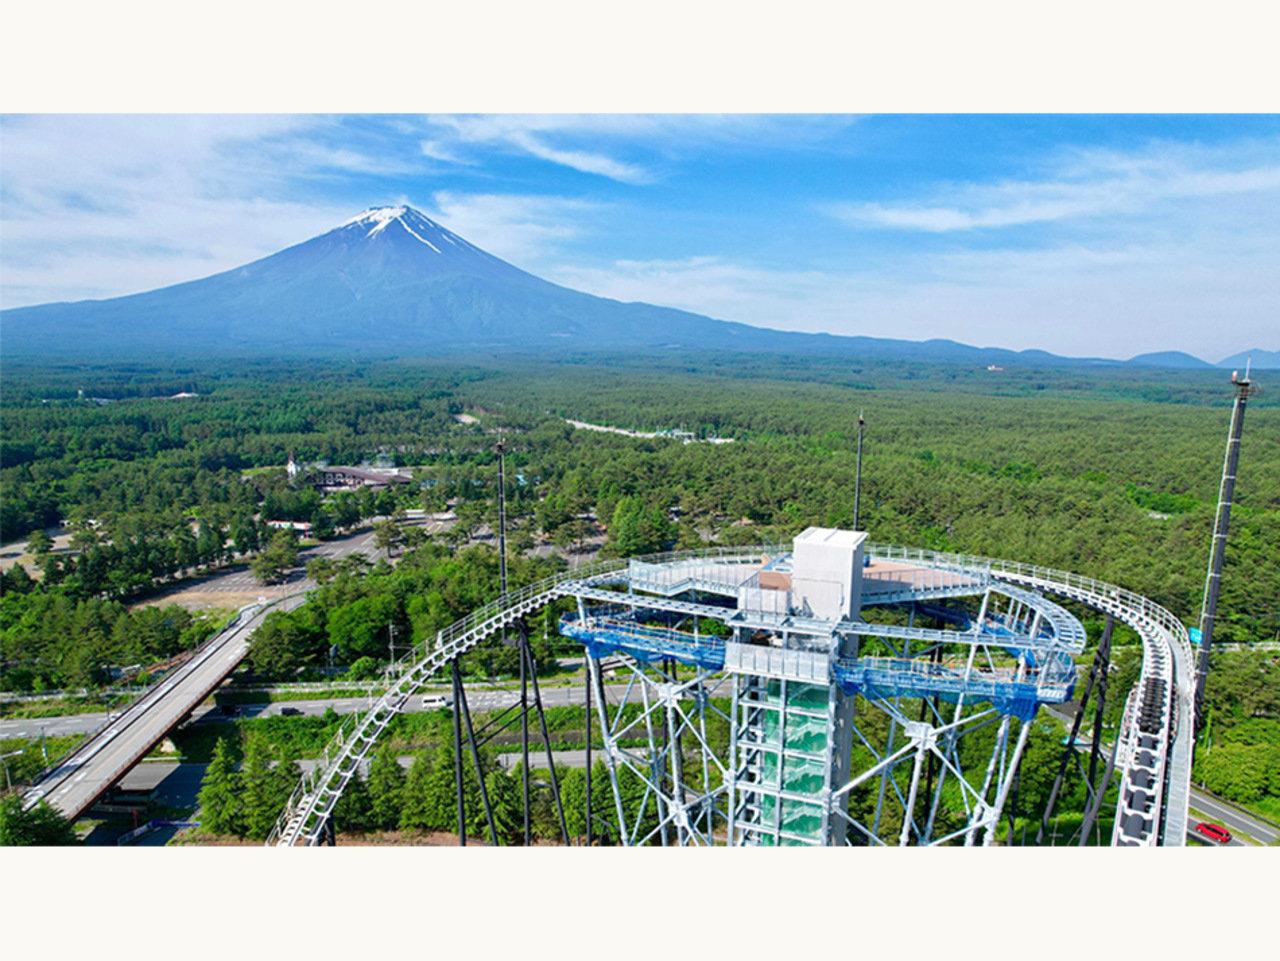 富士山一望の絶景展望台「FUJIYAMAタワー」